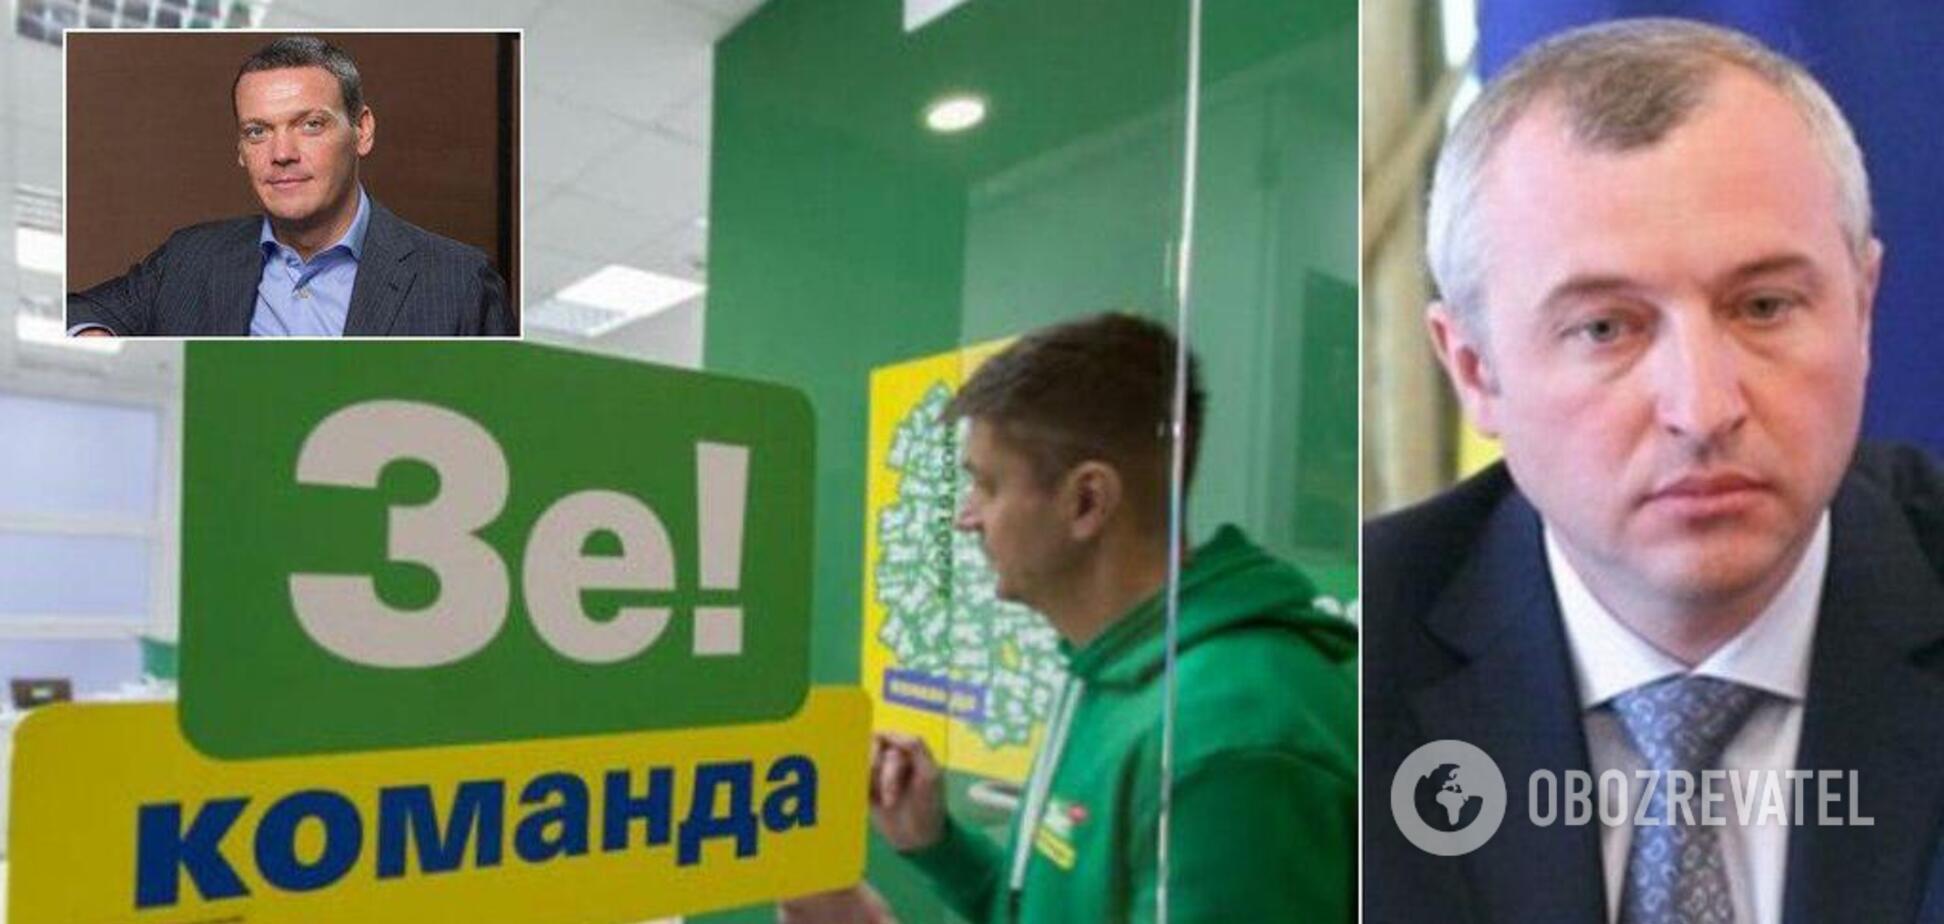 'Король' контрабанди і партнер Януковича: хто увійшов у 'тіньовий штаб' Зеленського